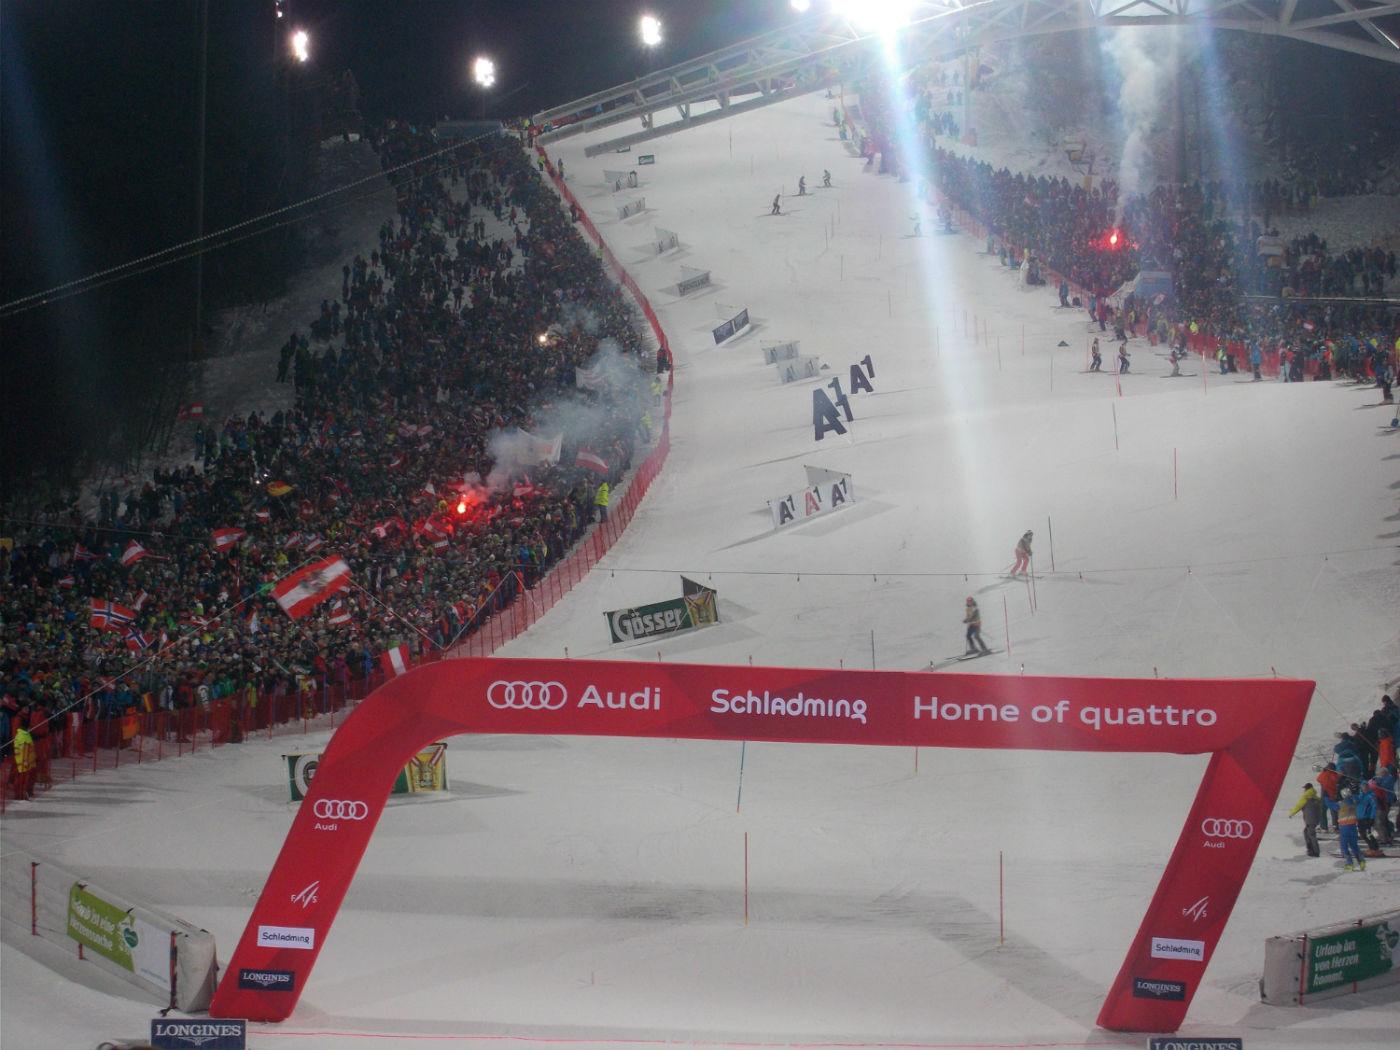 Lo spettacolo della Night Race ©Gabriele Pezzaglia